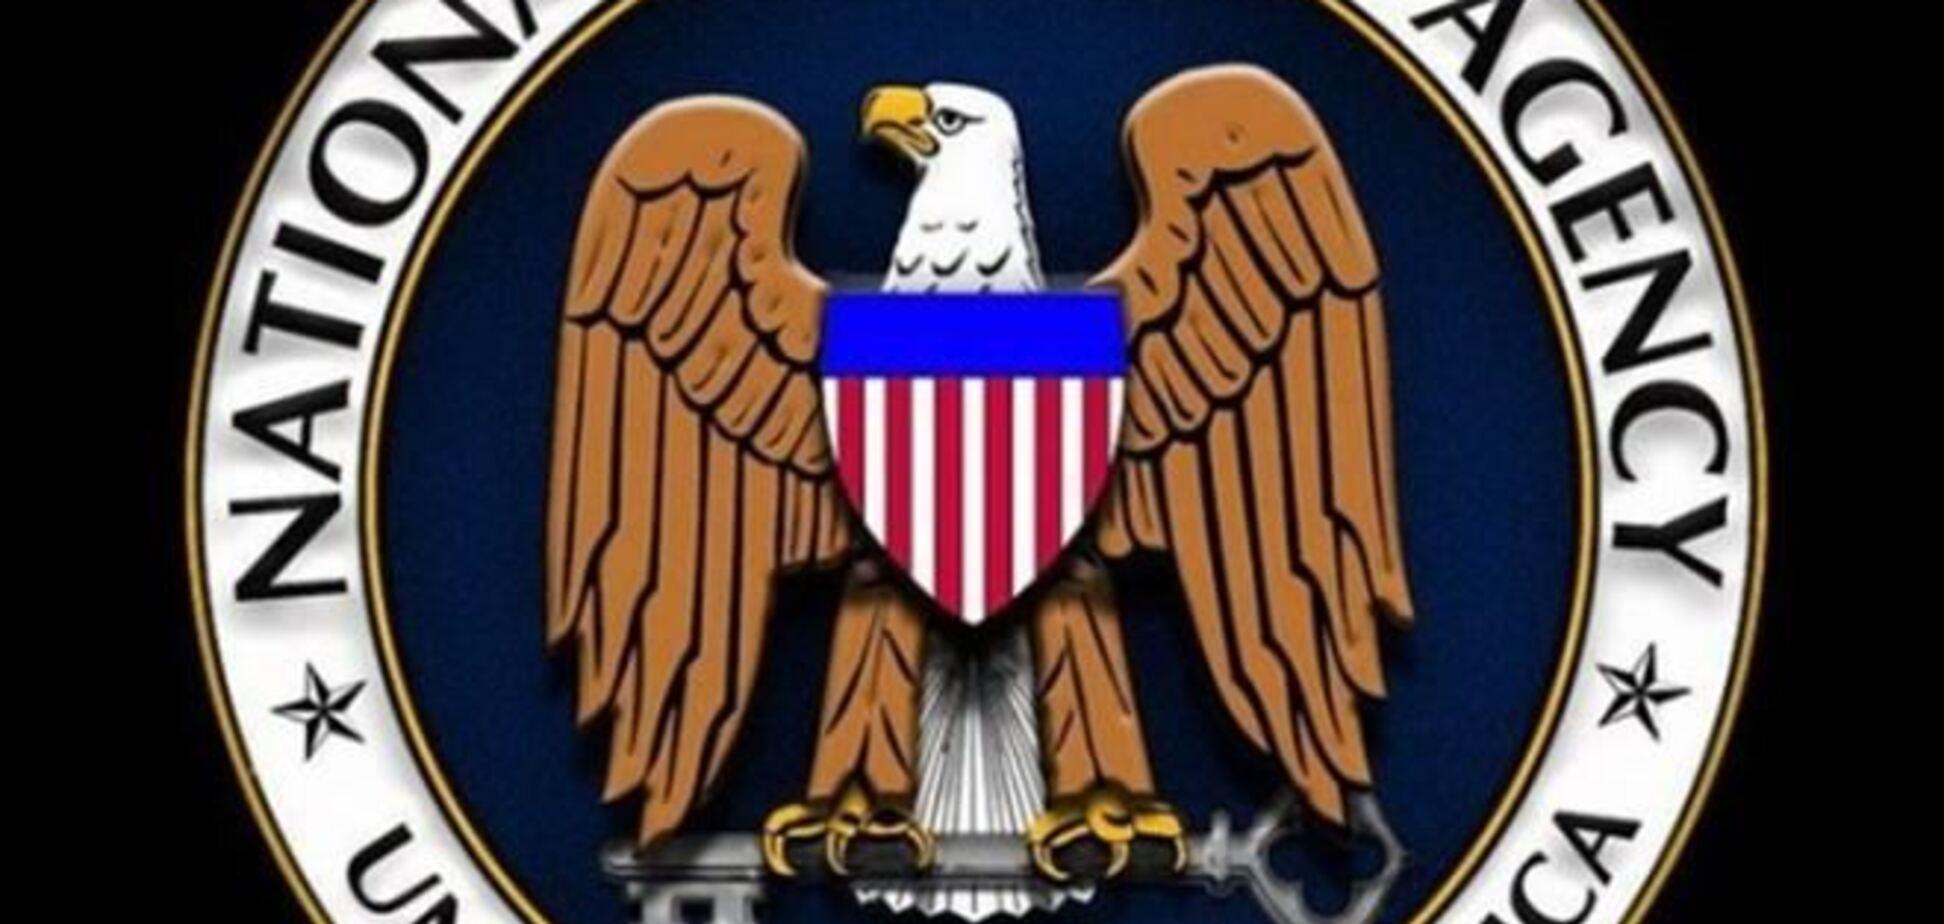 Более 10 млн долларов тратит ЦРУ на прослушку